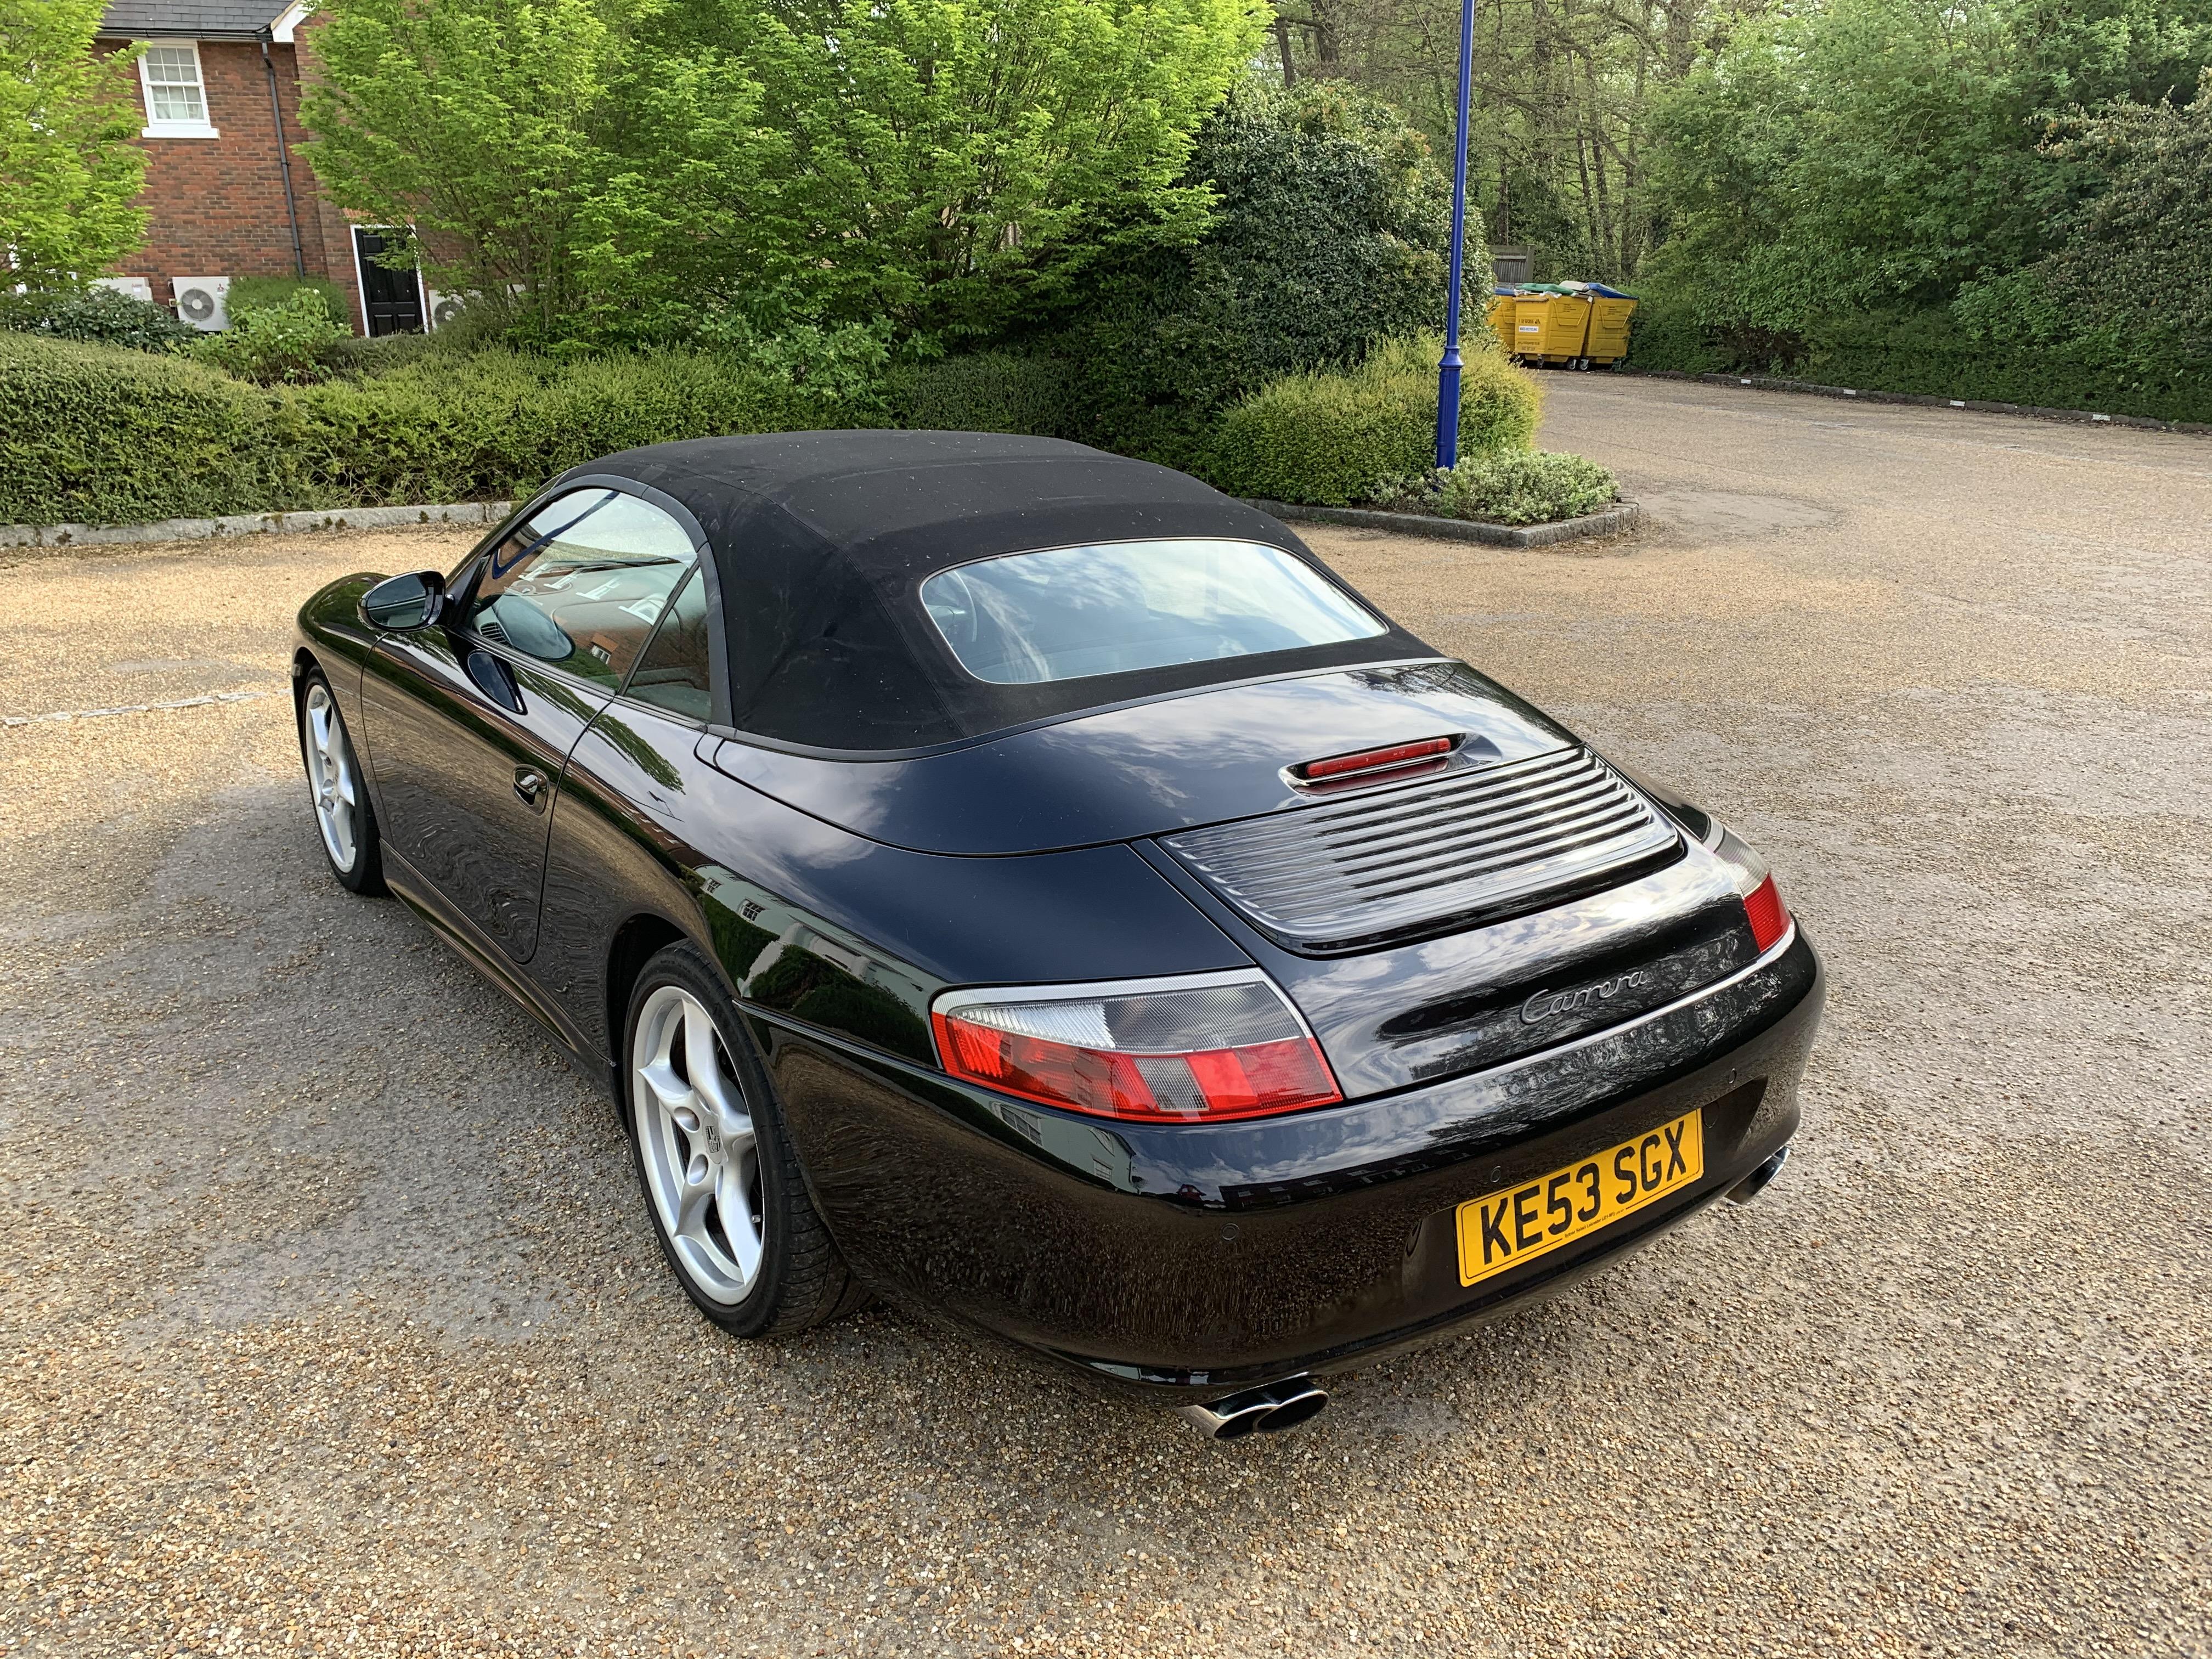 Porsche 911 + CLK55 Cab 050